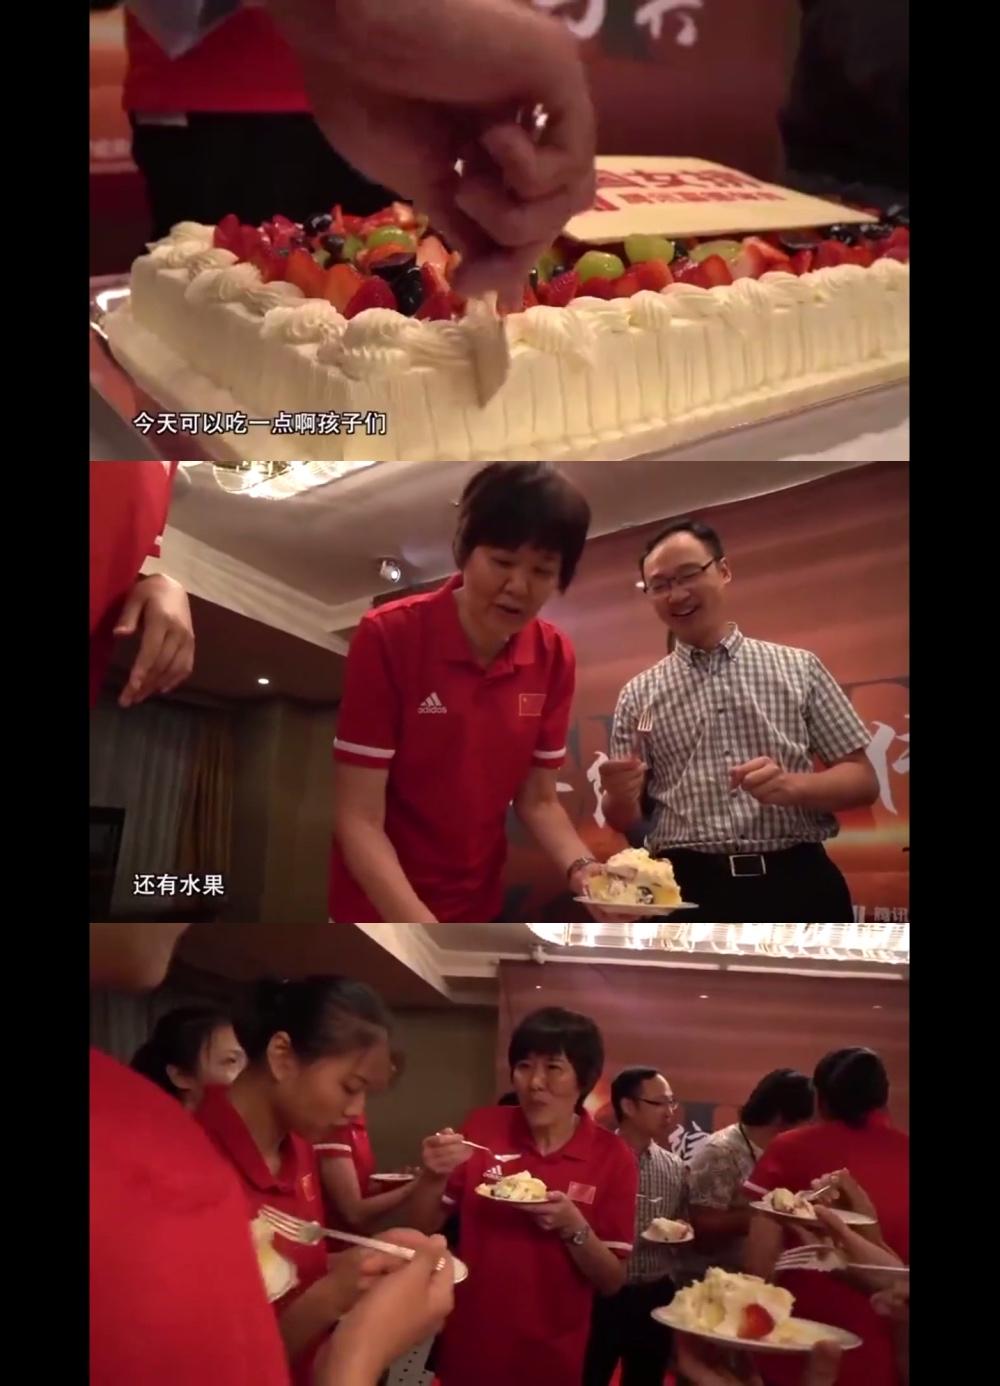 """女排庆功吃蛋糕 我被""""暖到""""的同时也想吃蛋糕了"""